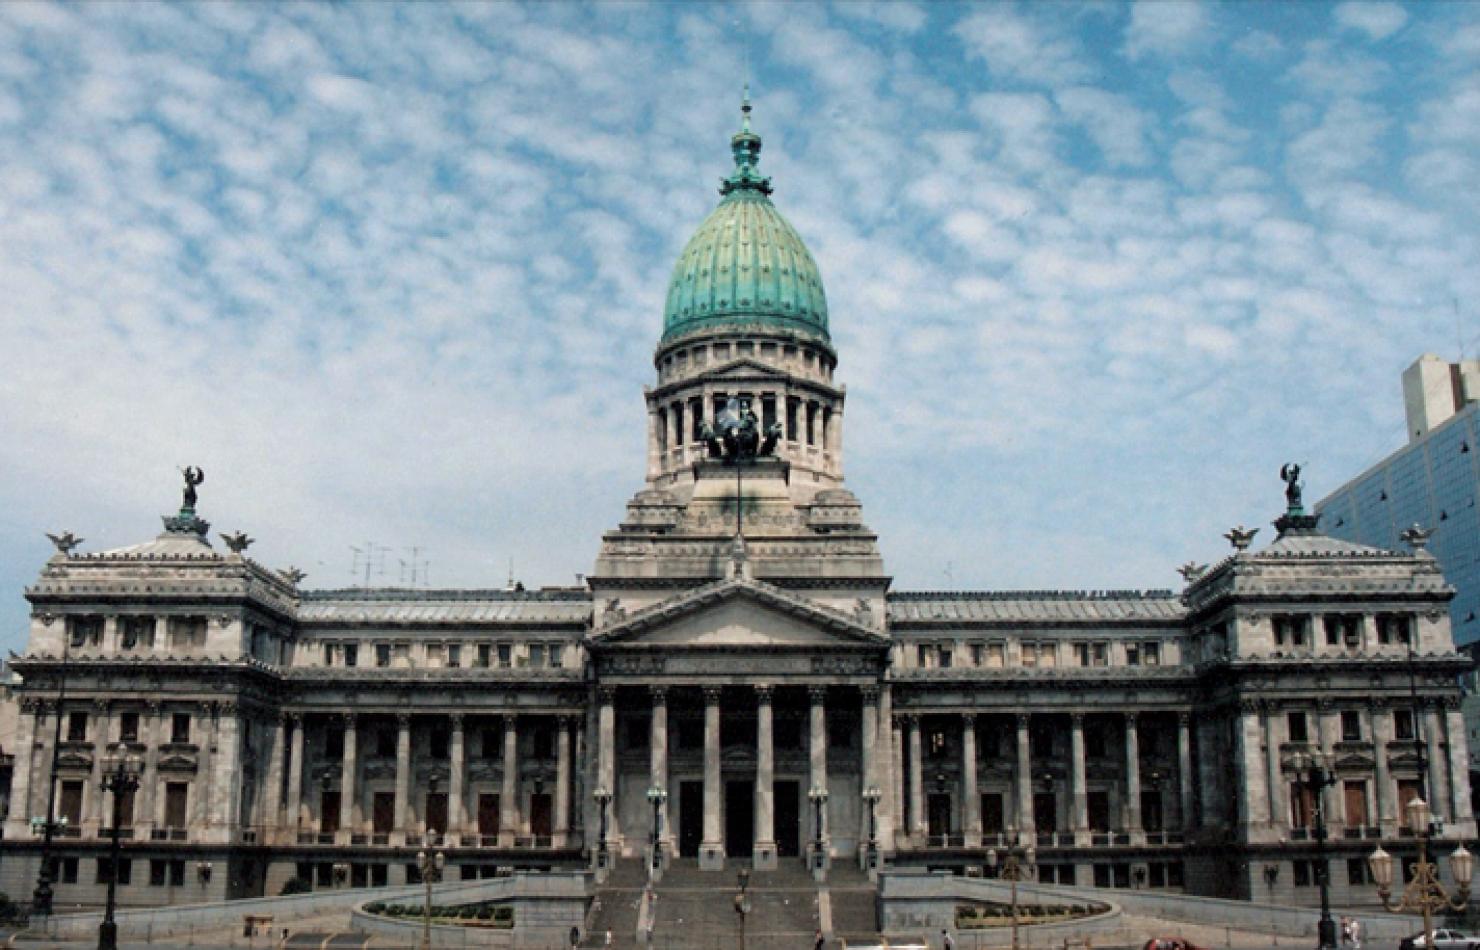 El ministro de Economía explicará en el Congreso el plan de reestructuración de la deuda